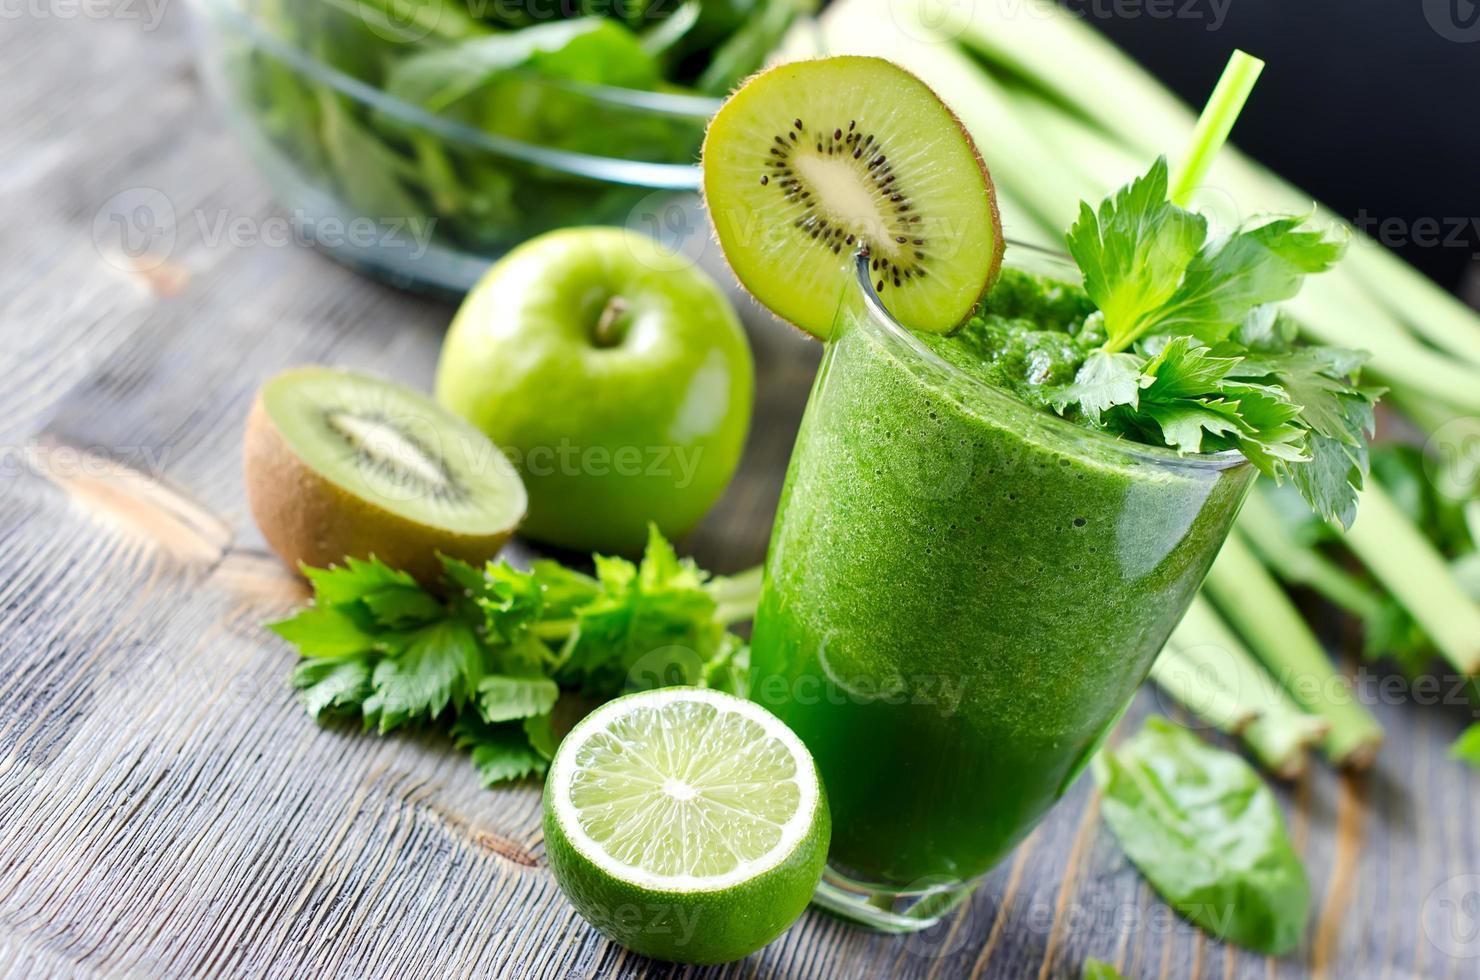 bebida saludable batido verde con espinacas y apio foto